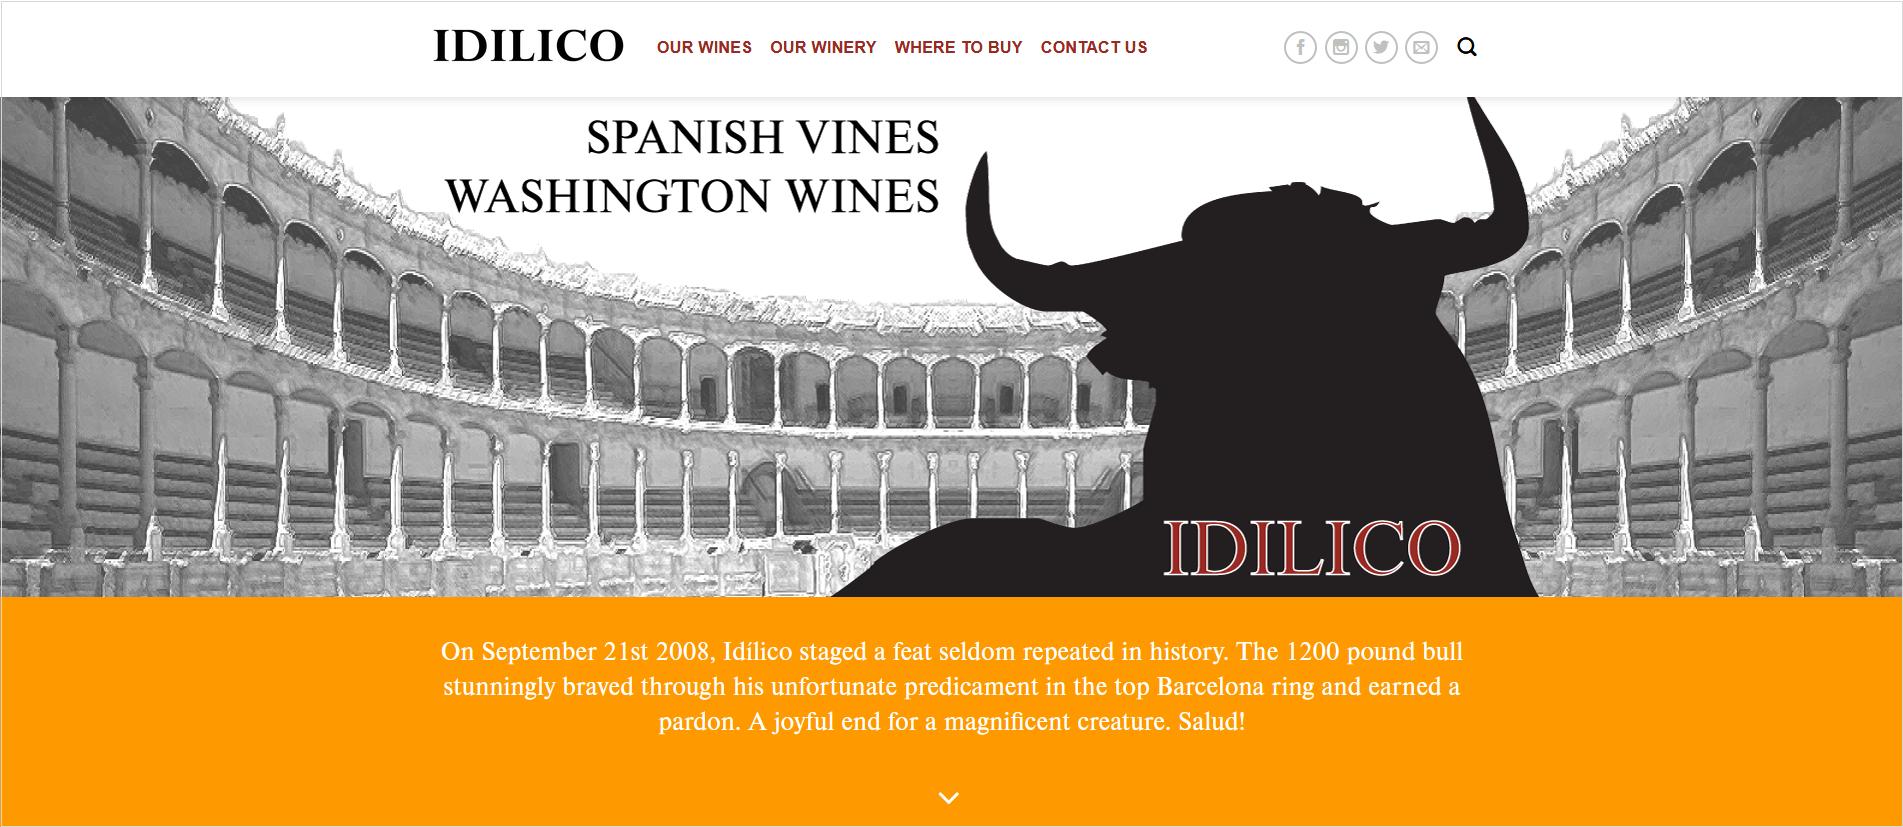 idilico wine